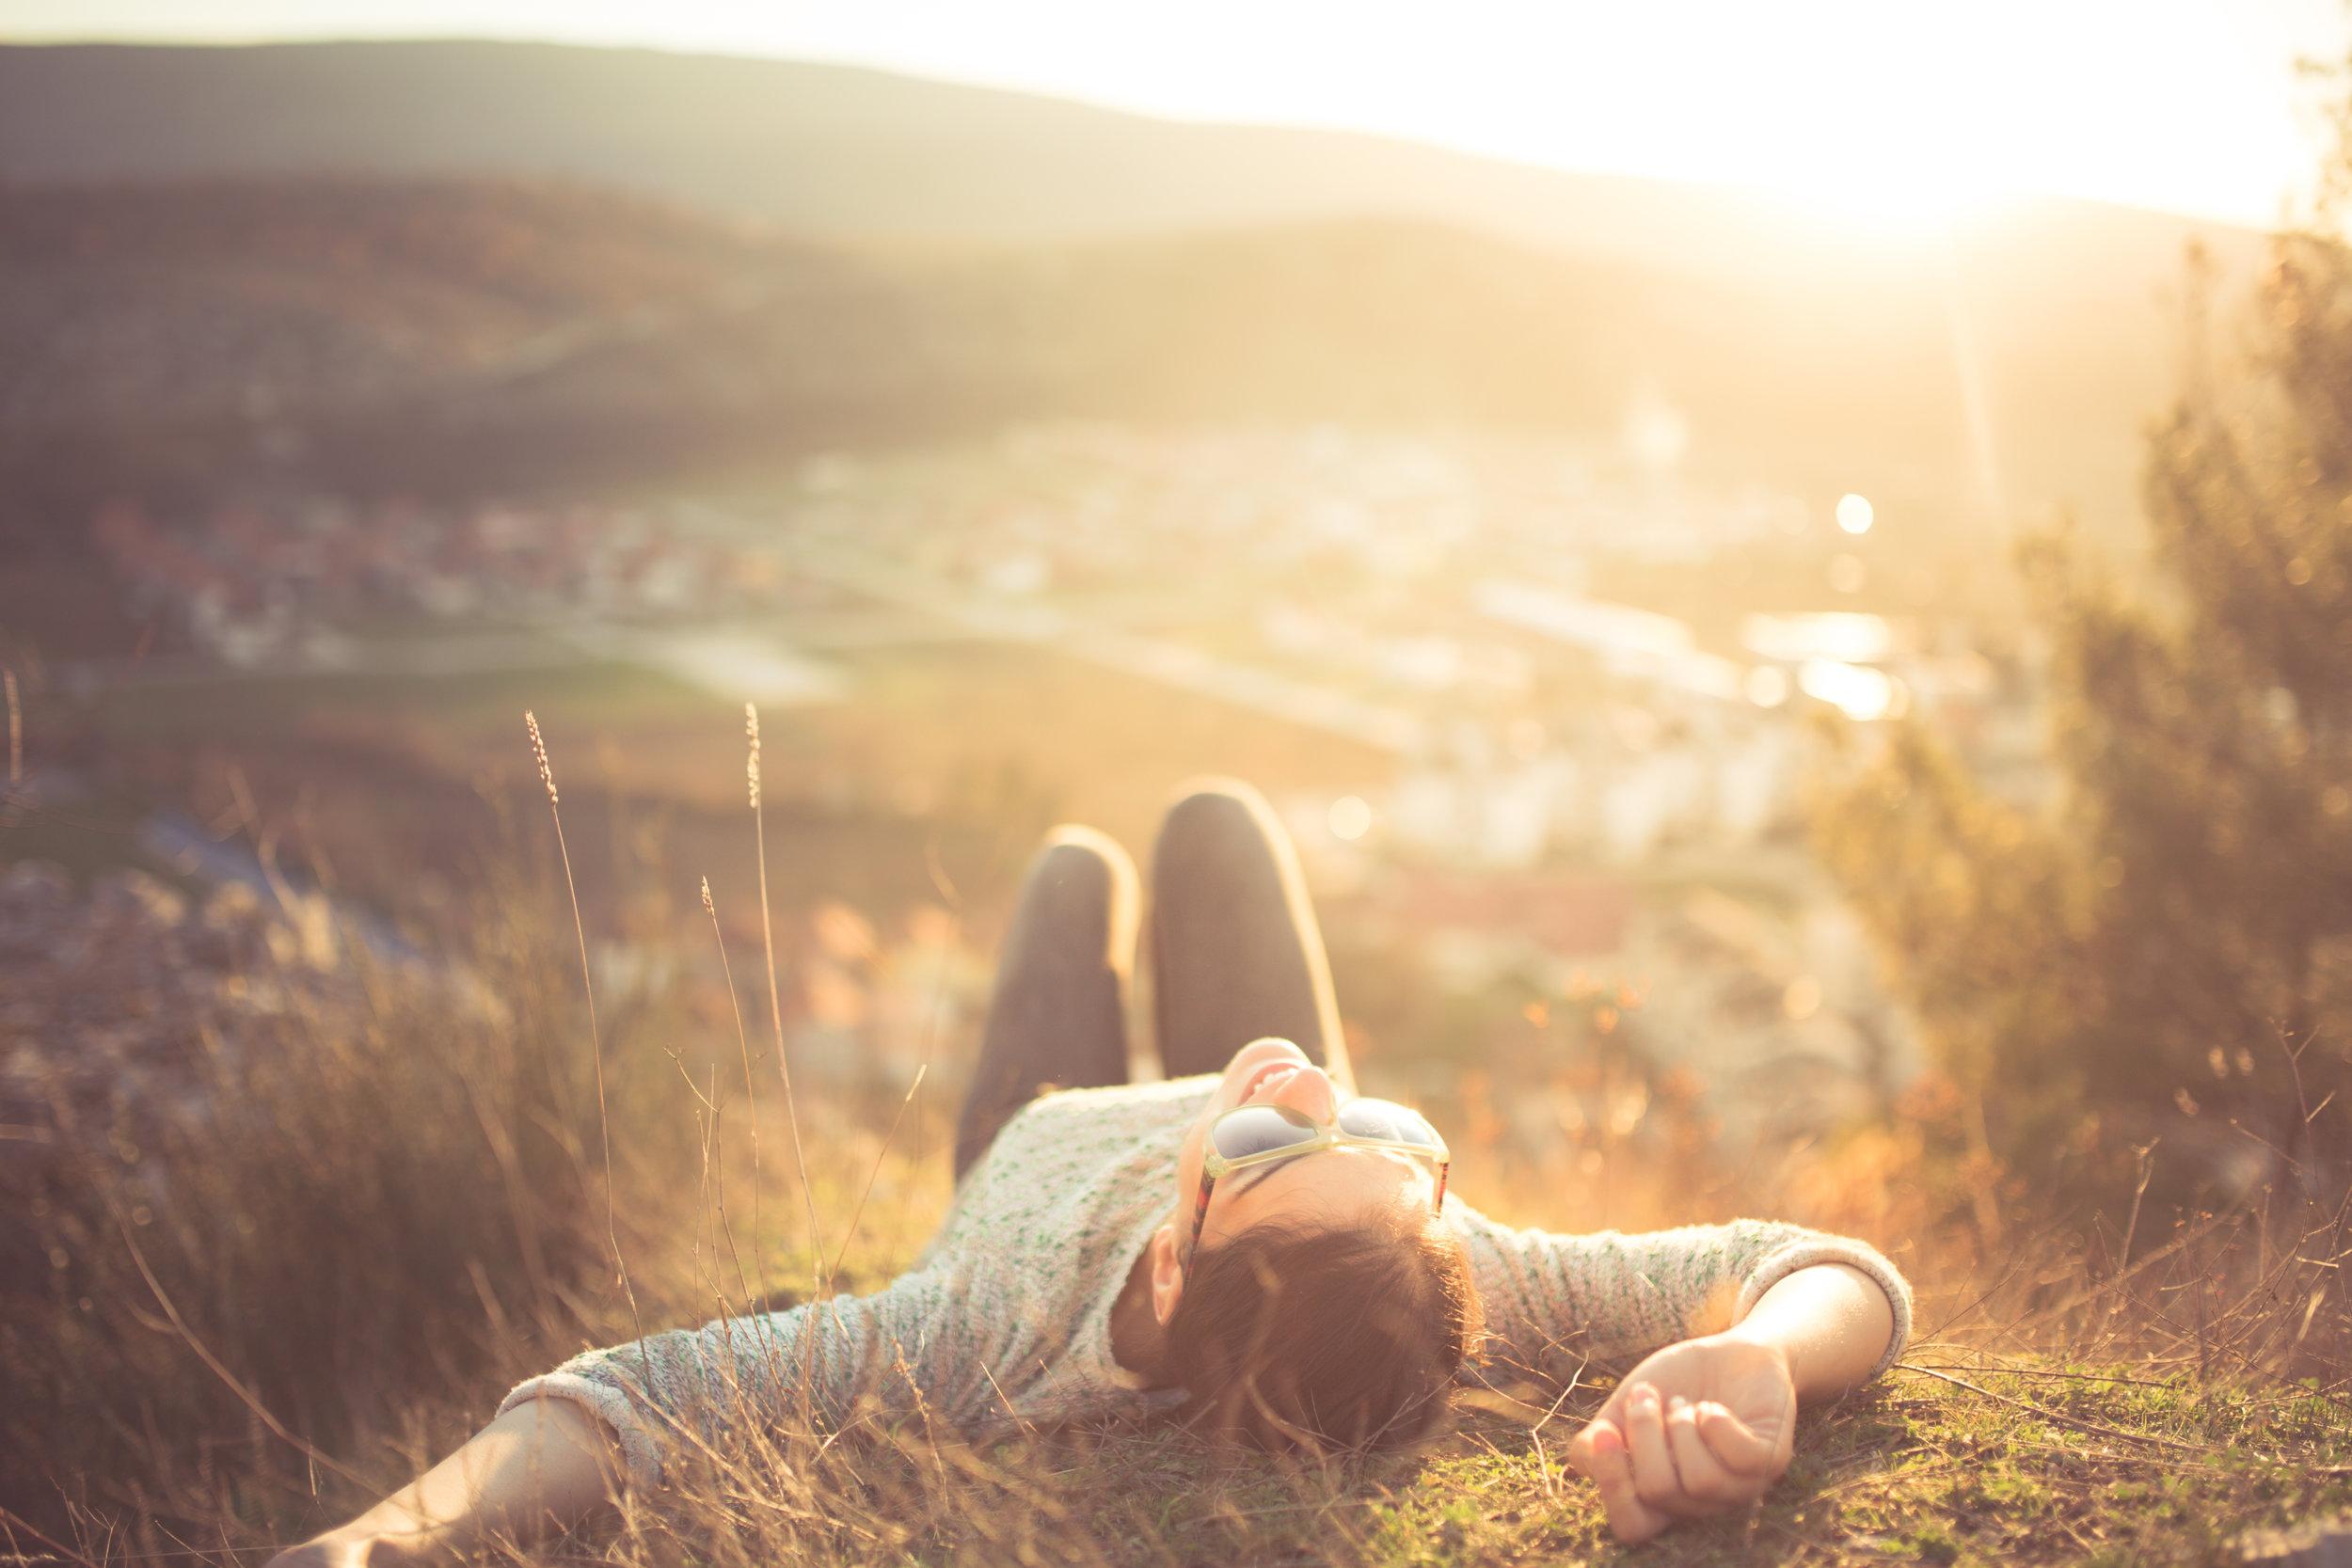 Auringonvalon UVB-säteilyn vaikutuksesta saatavan D-vitamiinin määrä ei Suomessa ole riittävä vuoden pimeimpinä kuukausina.